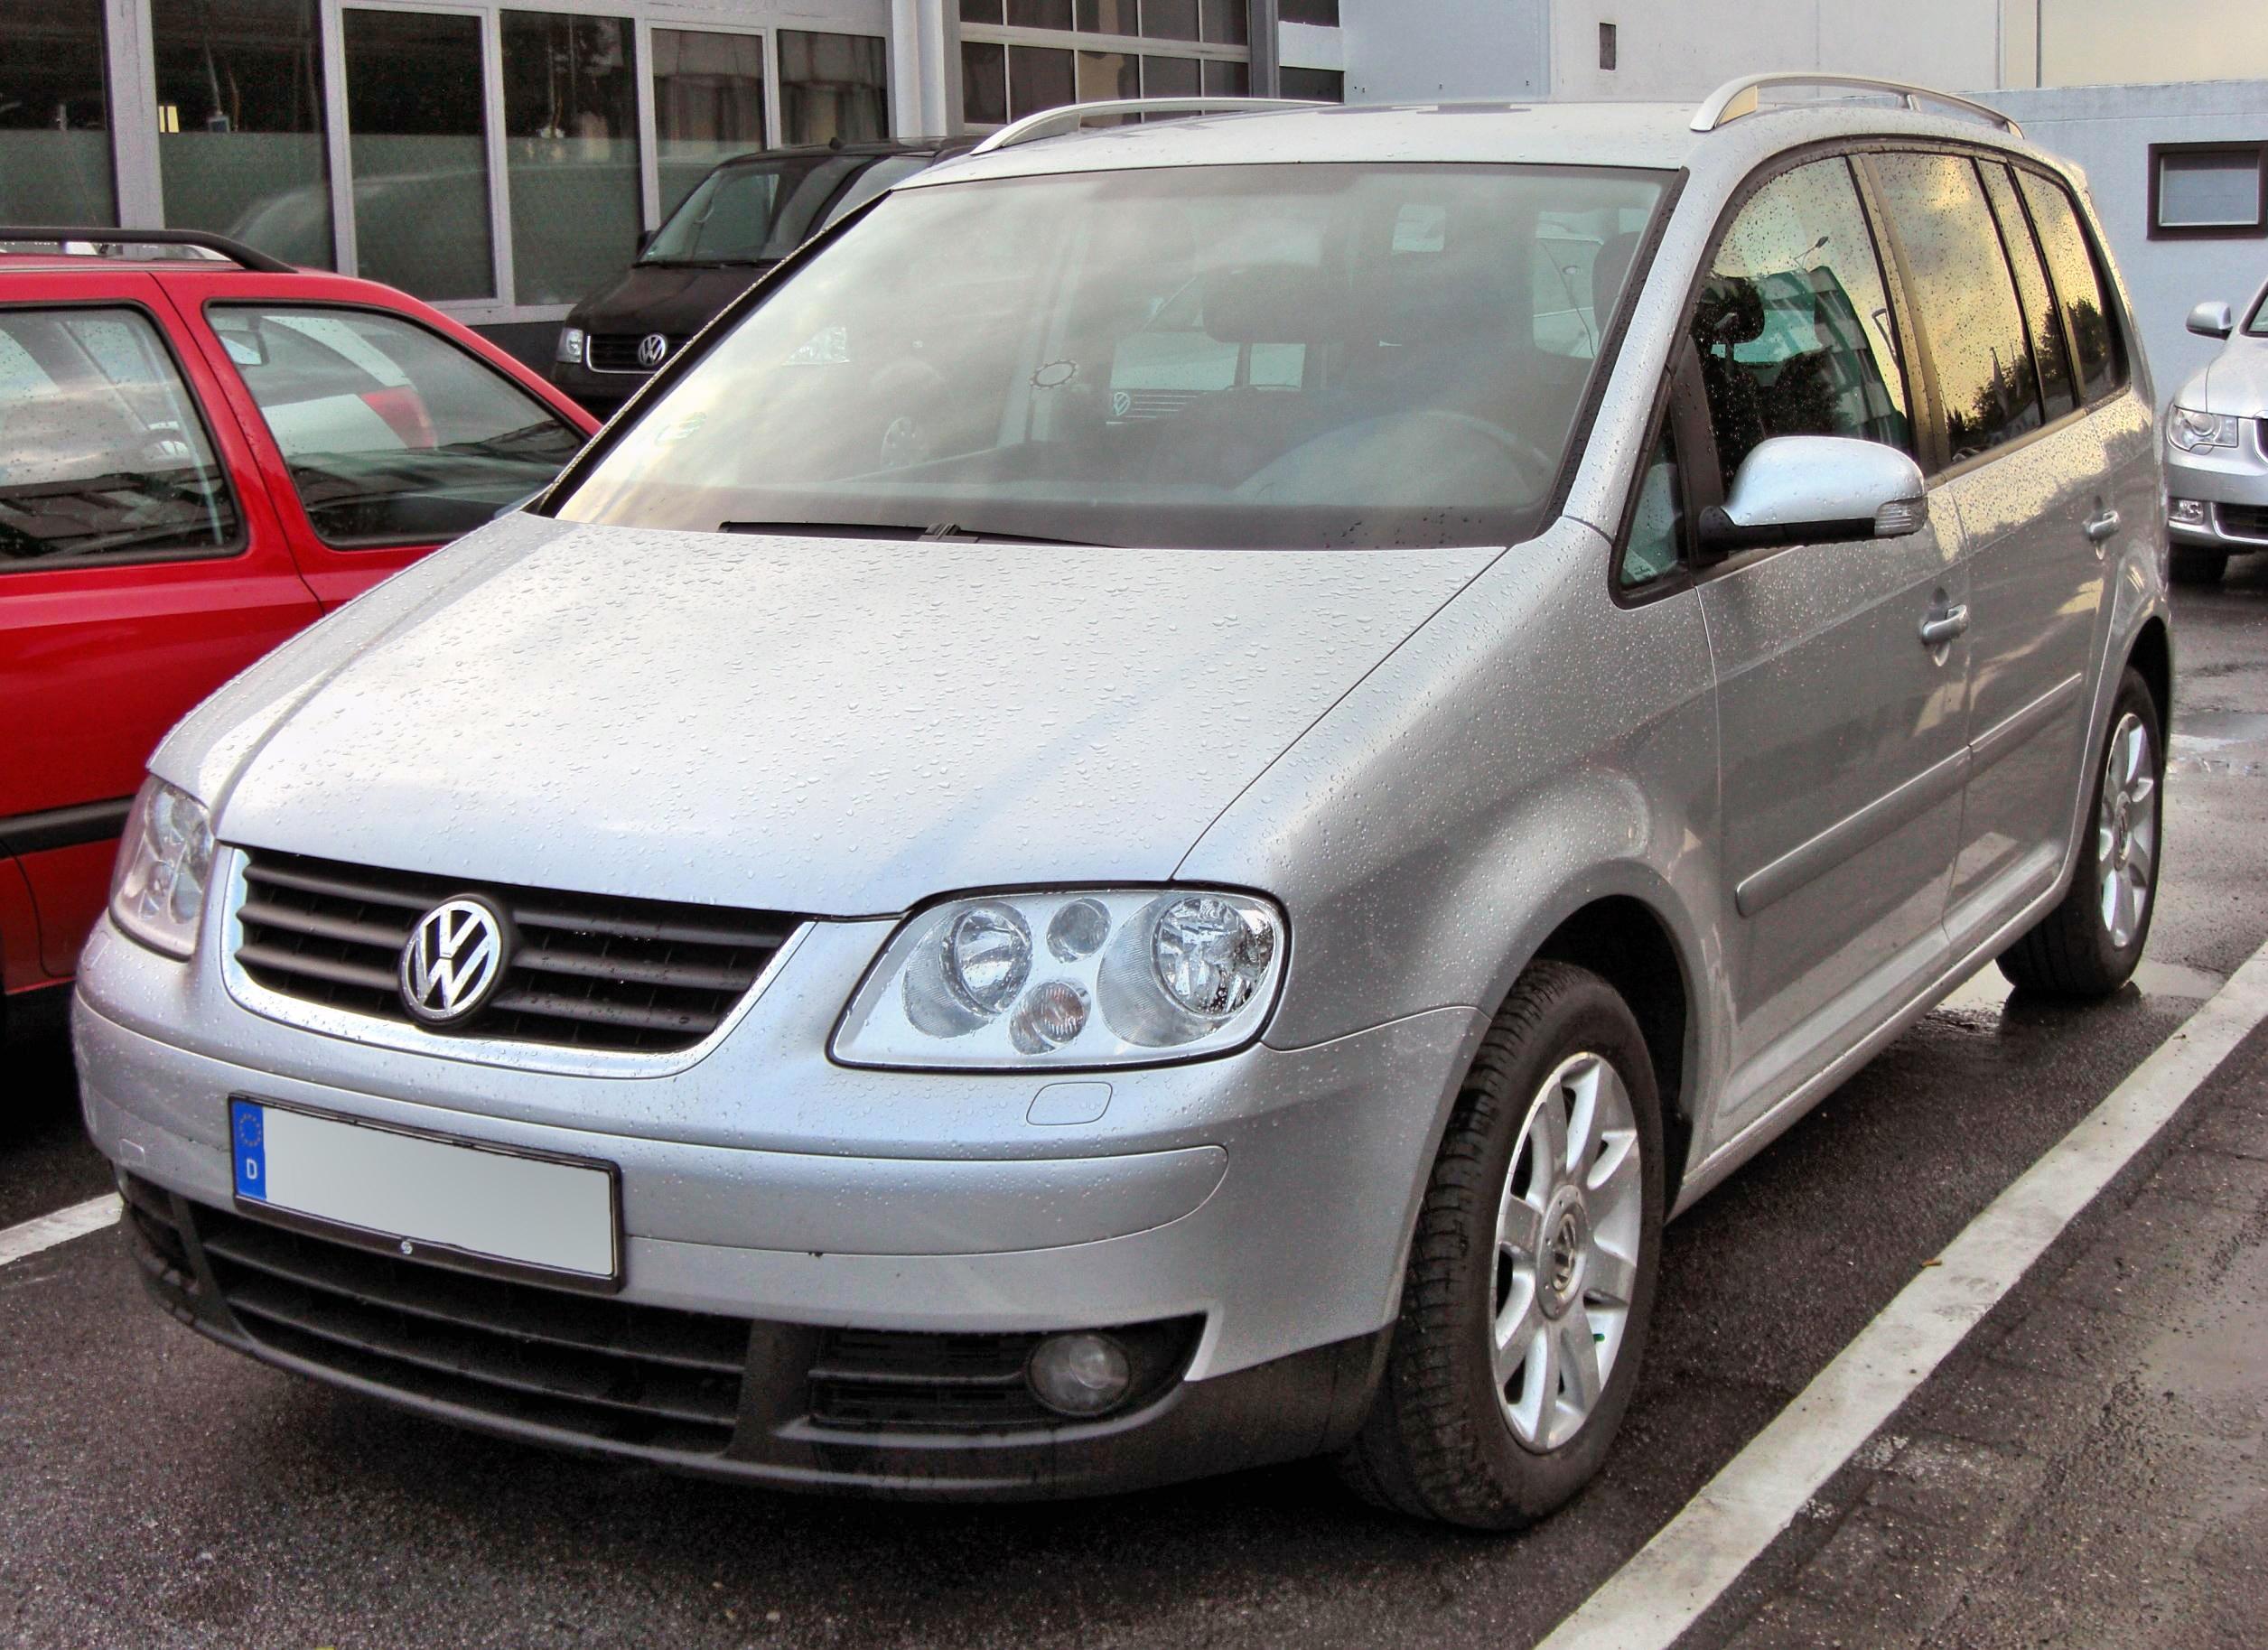 Depiction of Volkswagen Touran